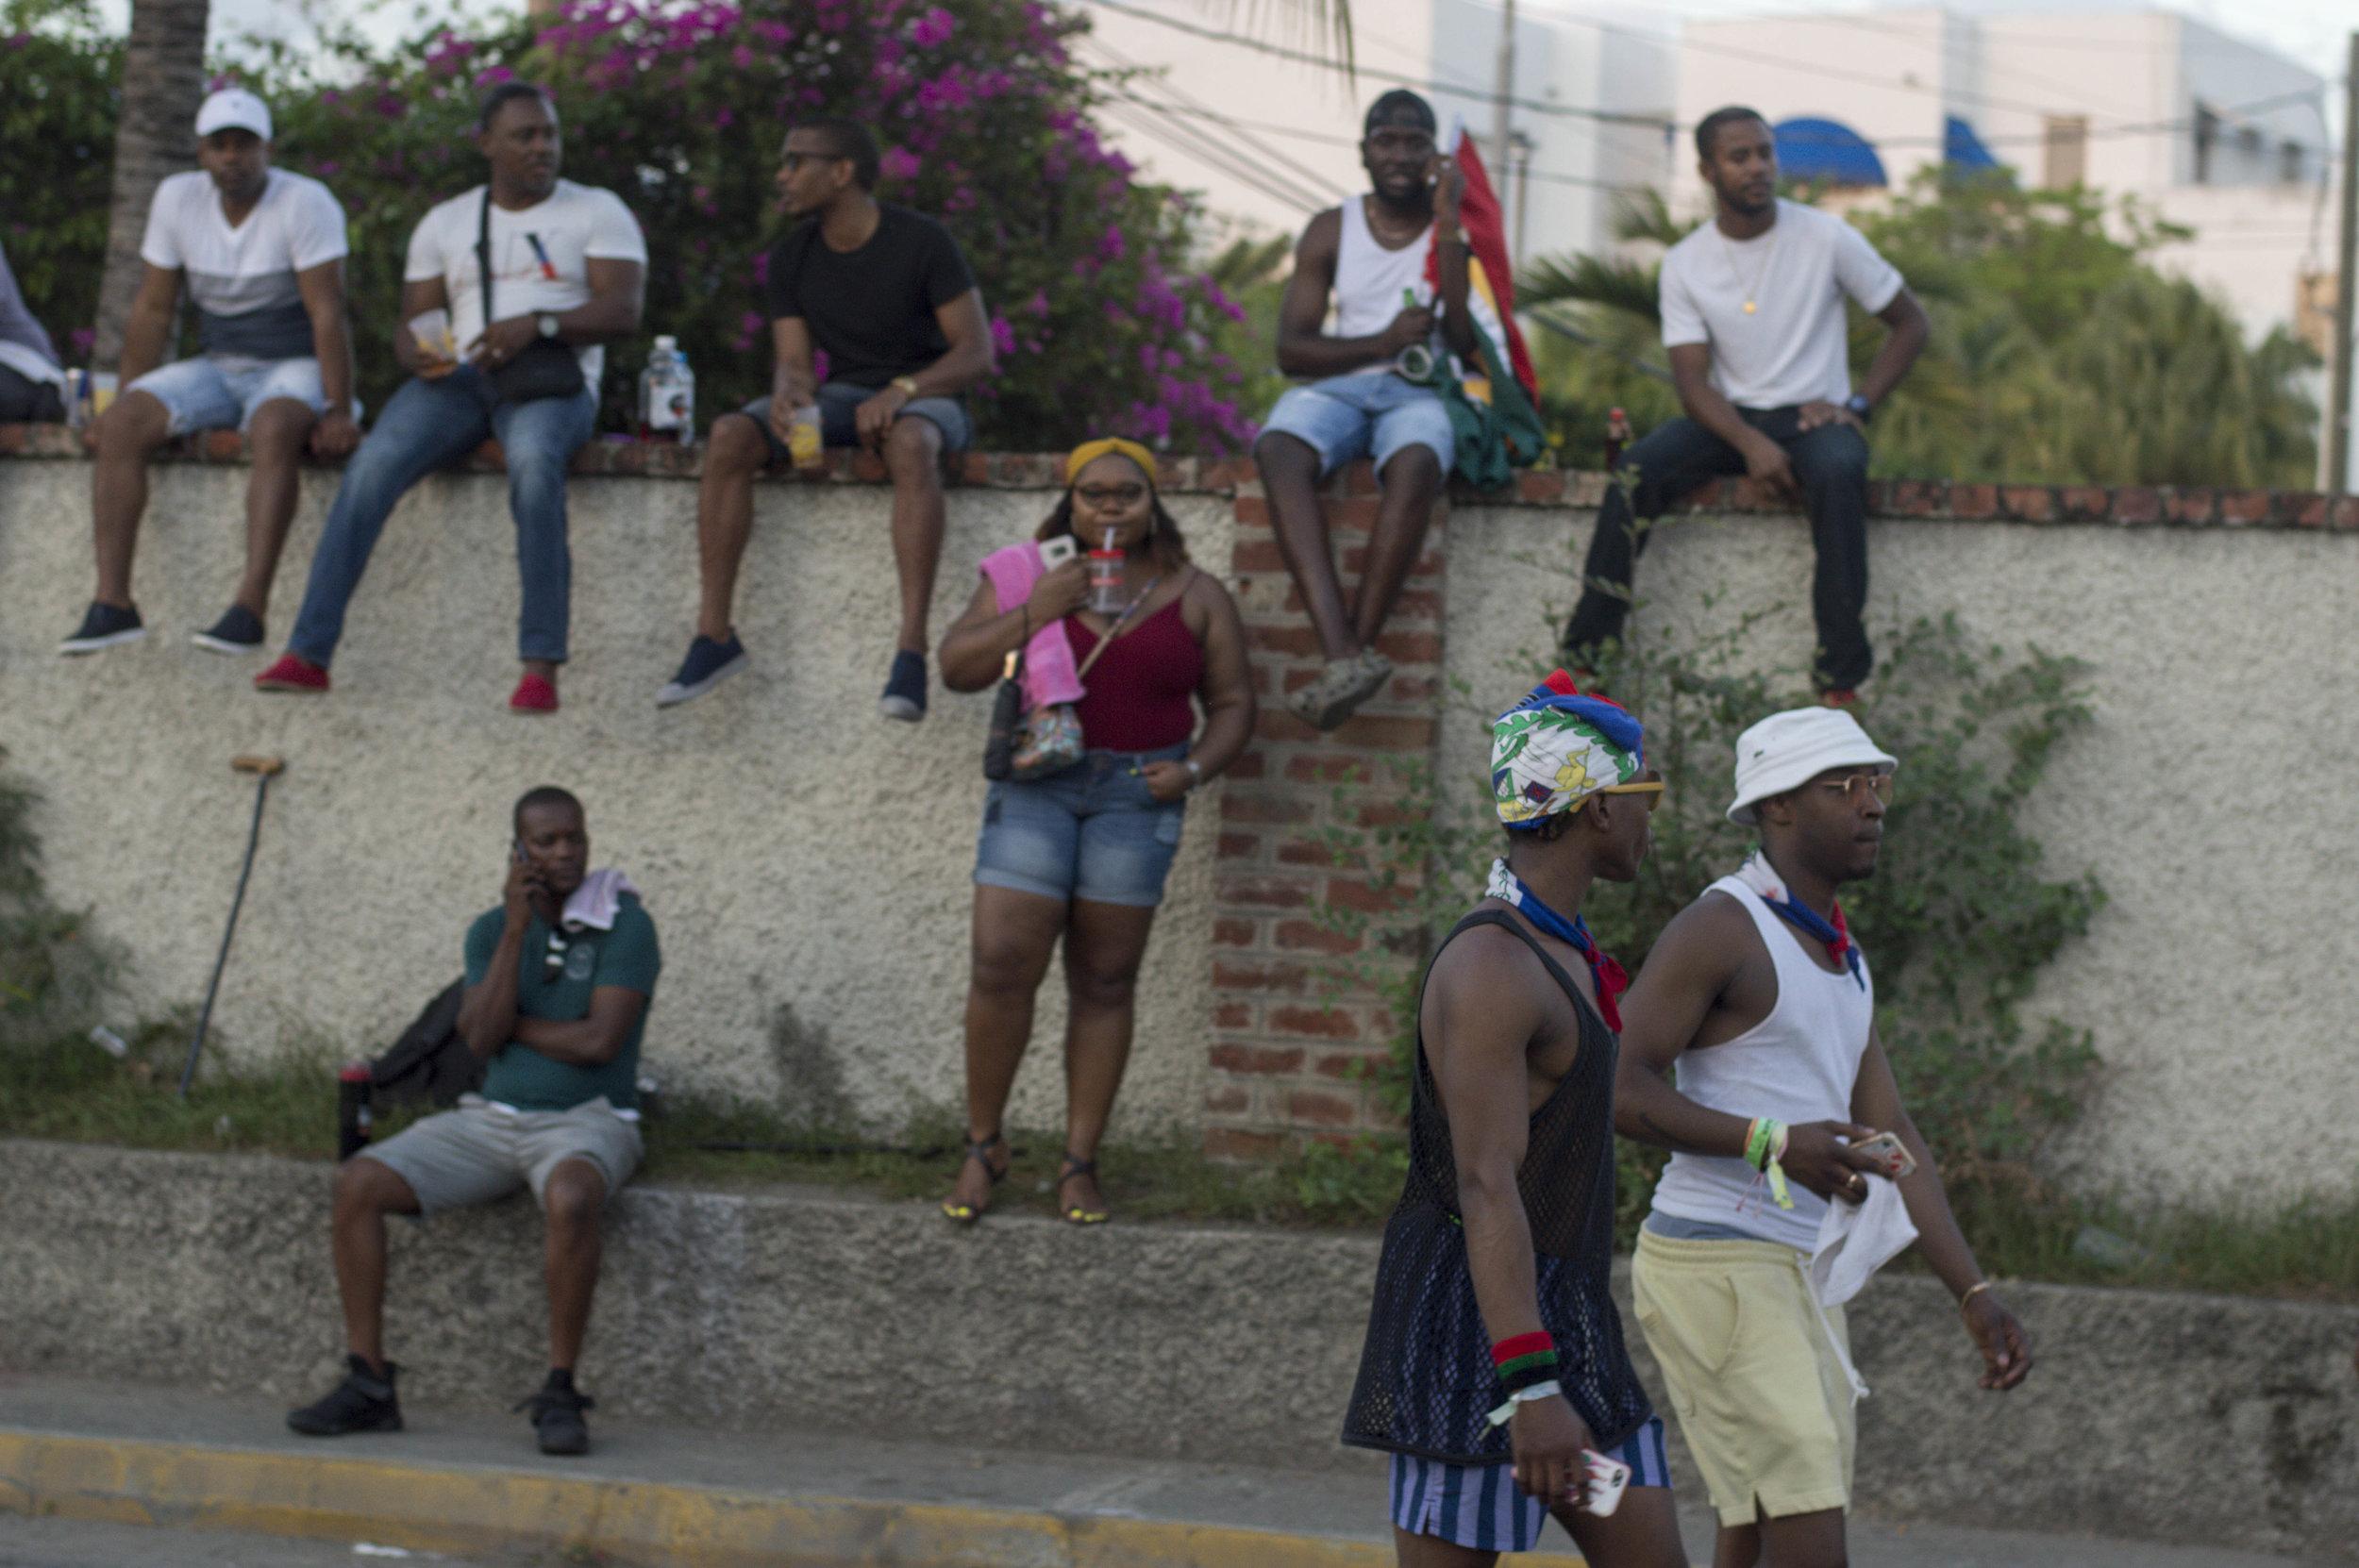 carnival2019_jeanalindo-68.jpg